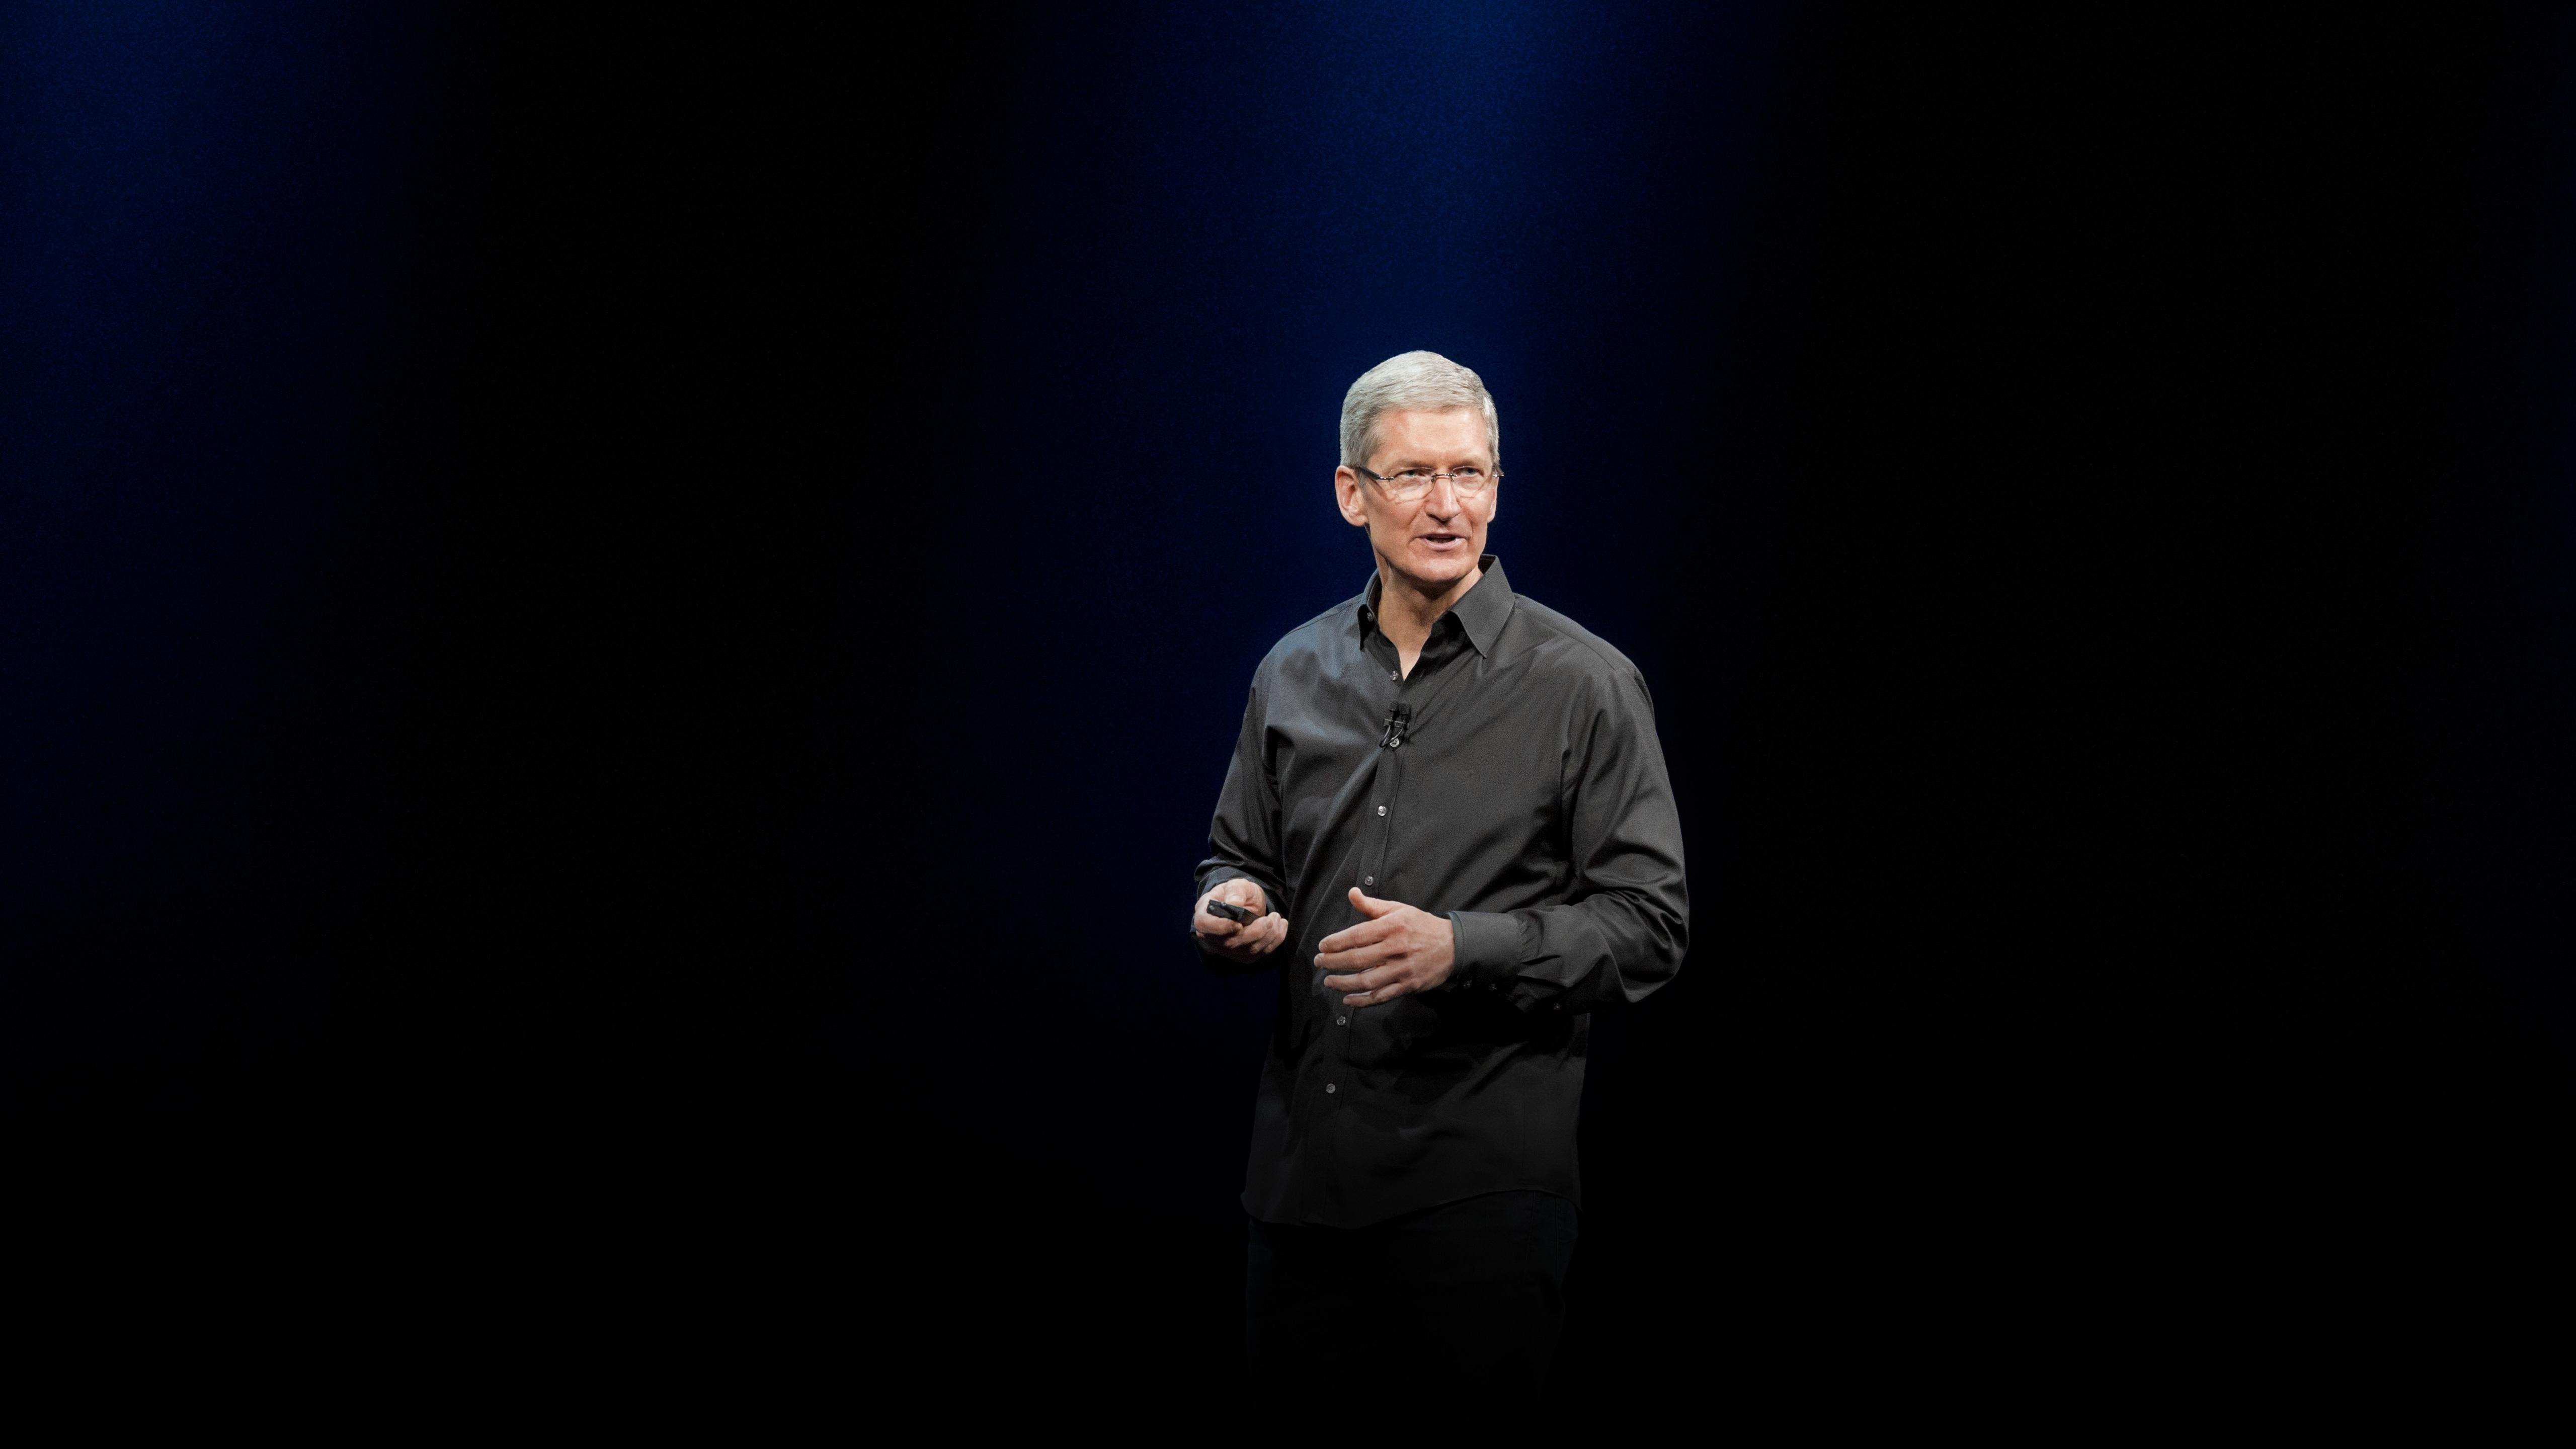 Tim Cook na keynote de abertura da WWDC 2013